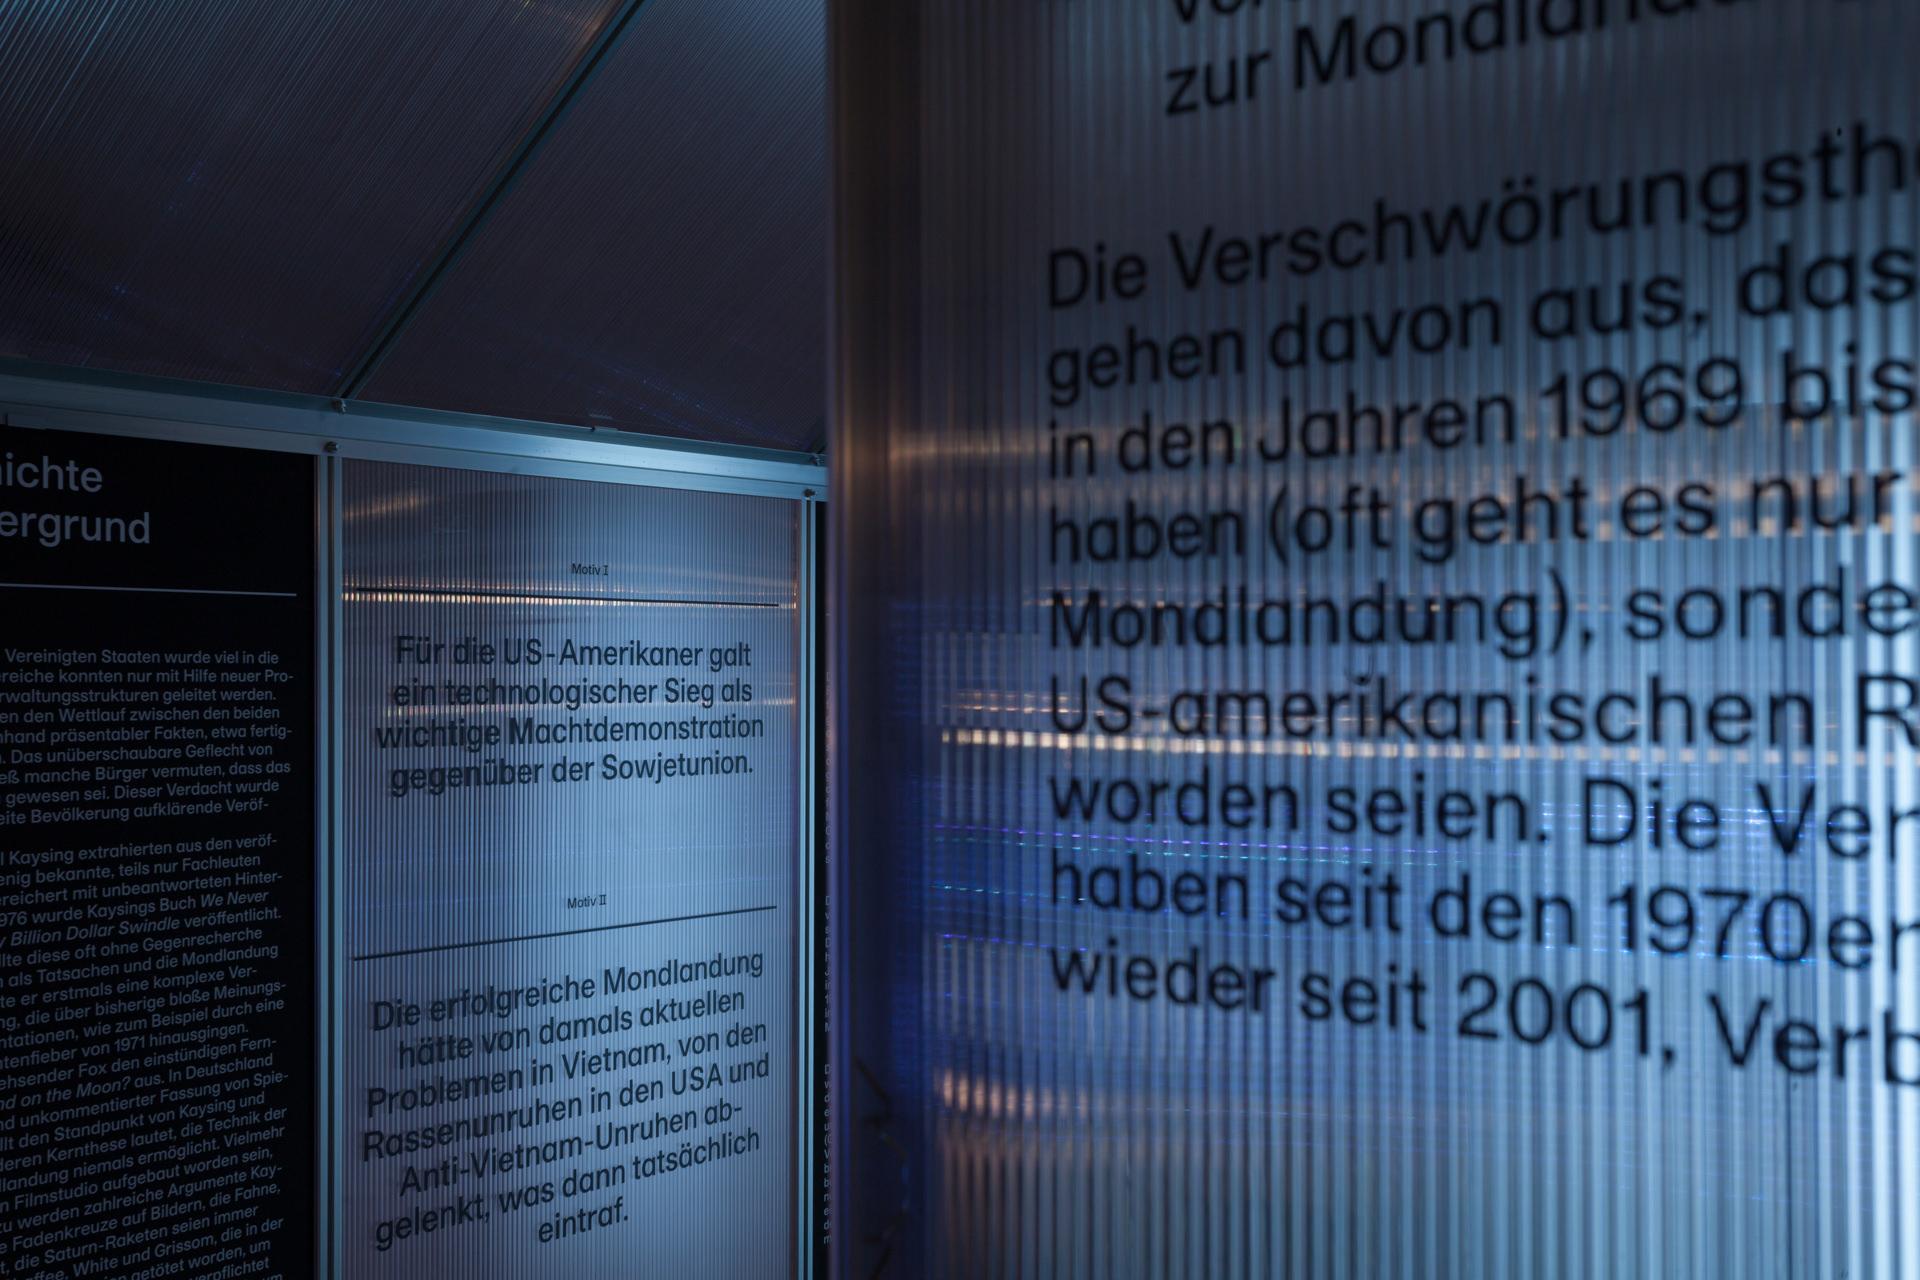 Gewächshaus als Highlight der Ausstellung